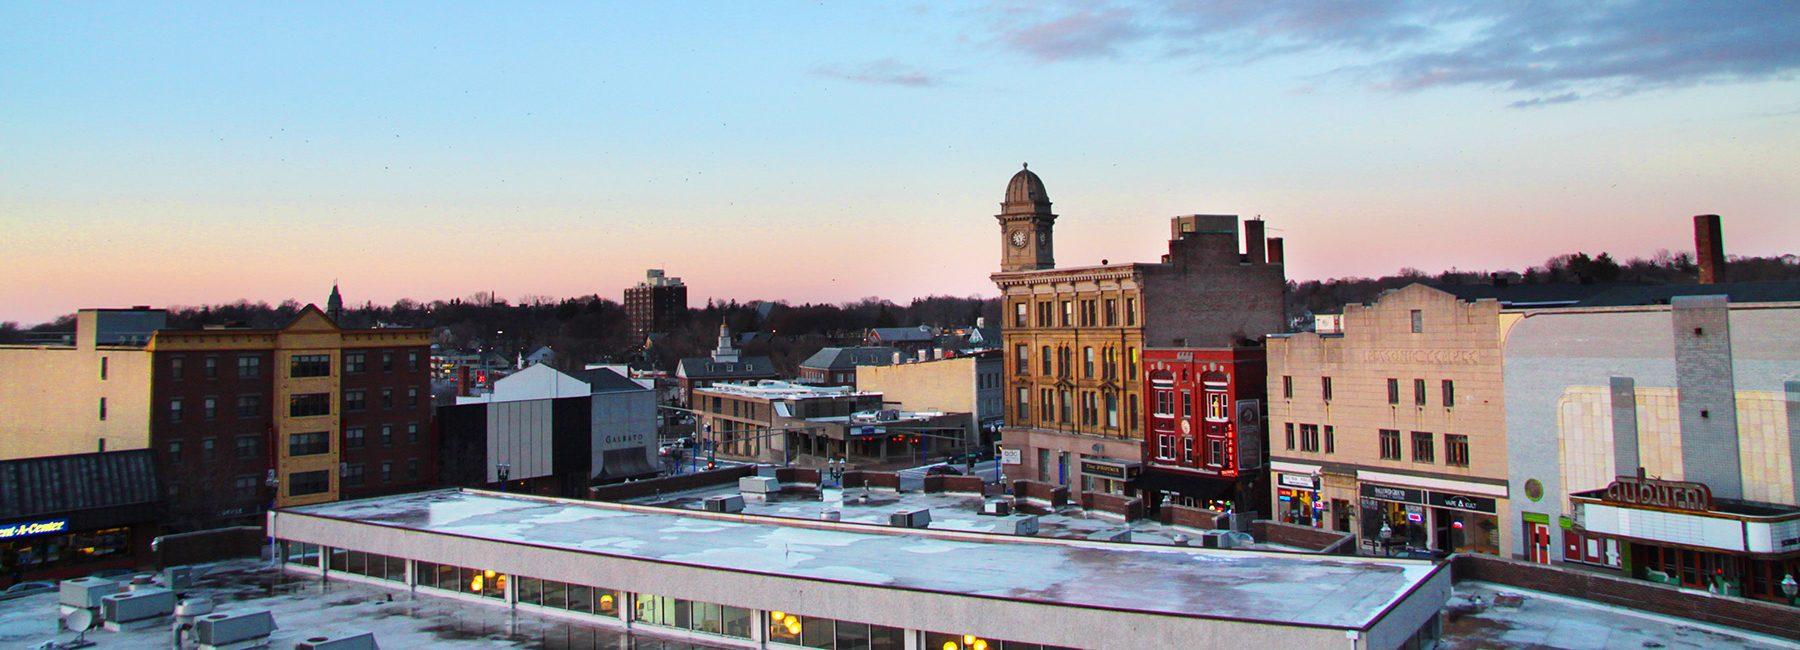 Downtown Auburn, NY